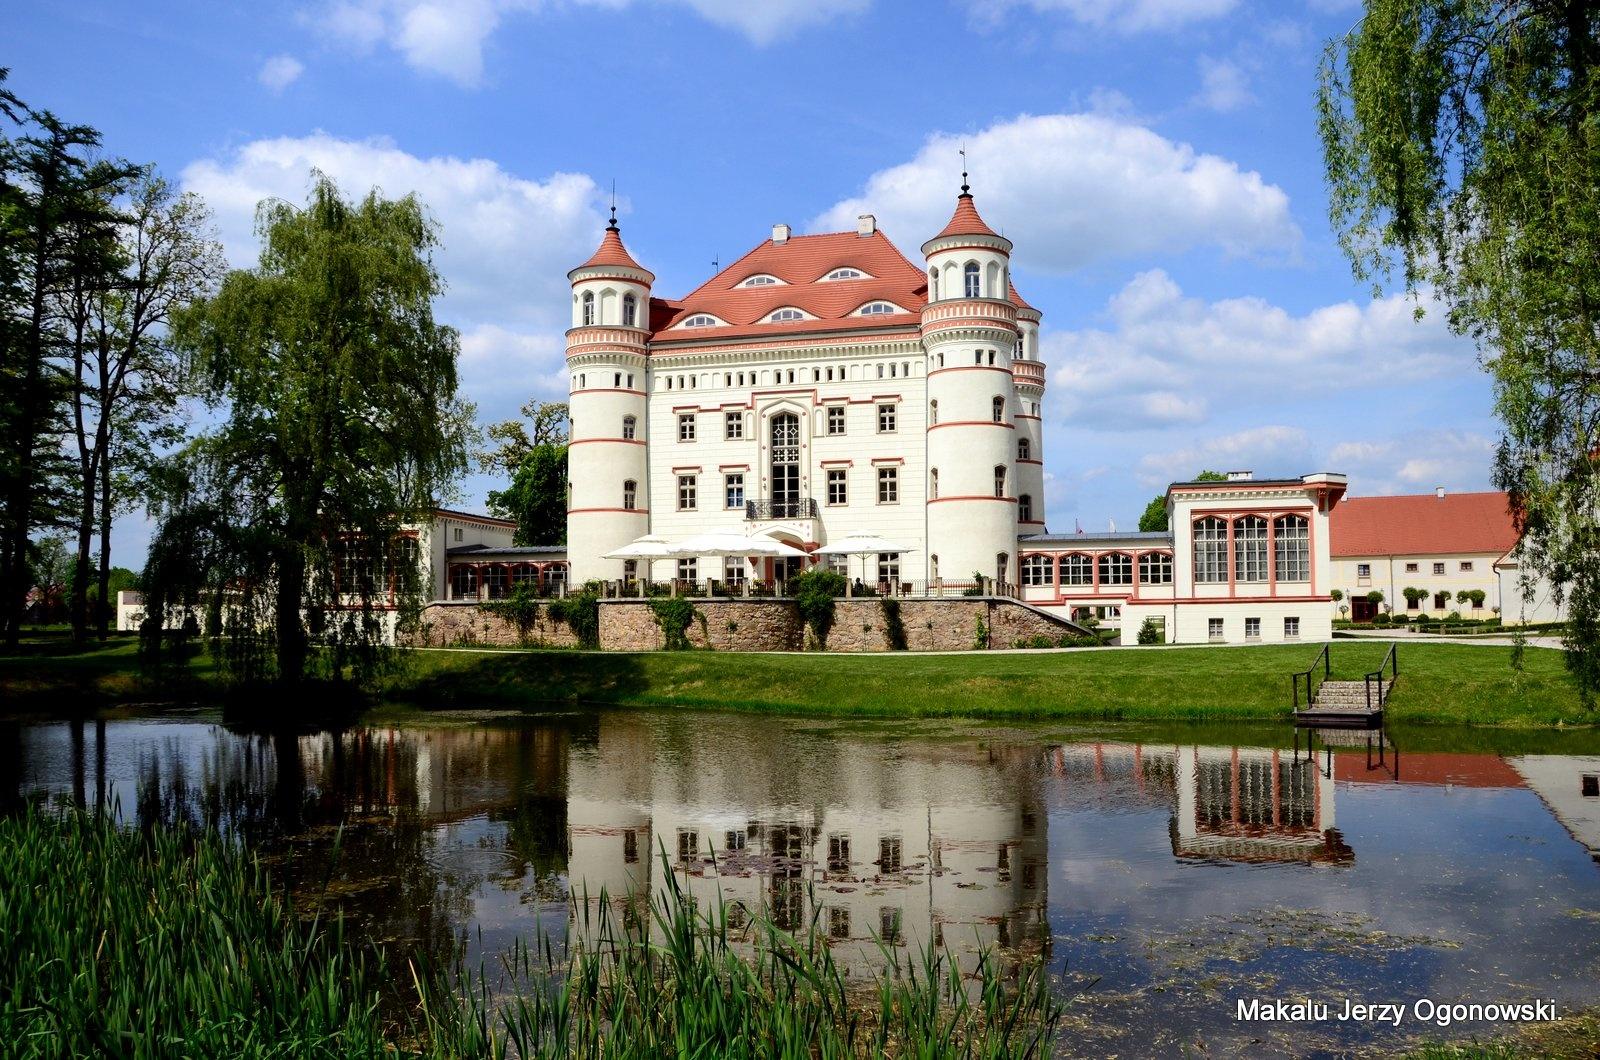 Palace Wojanów.Poland. by Makalu Jerzy Ogonowski